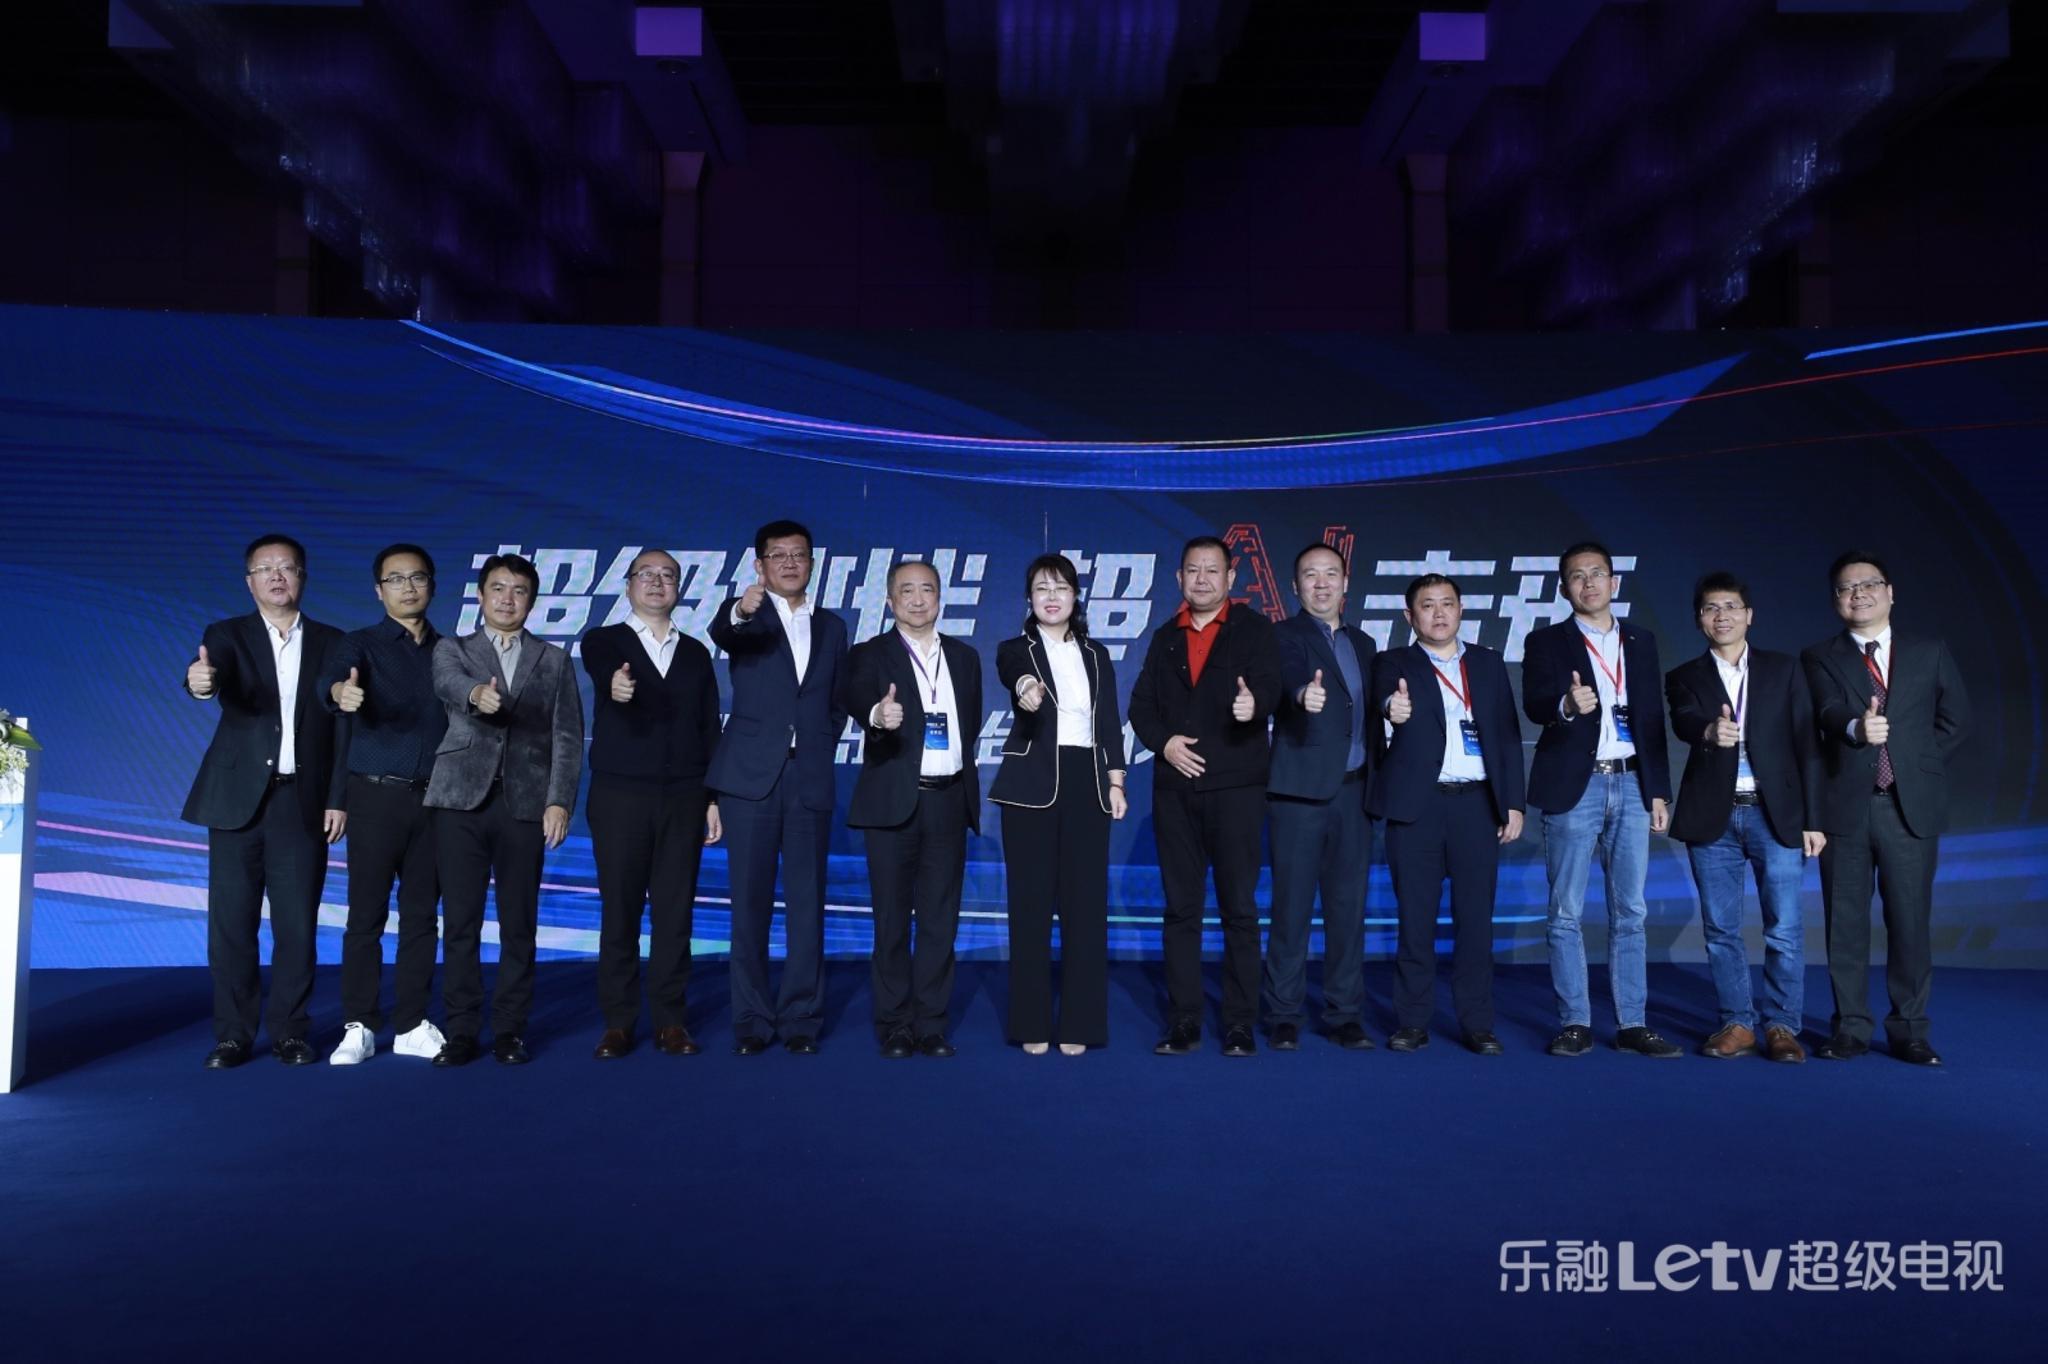 乐融豪华朋友圈亮相超级伙伴大会 今年内发布第5代超级电视